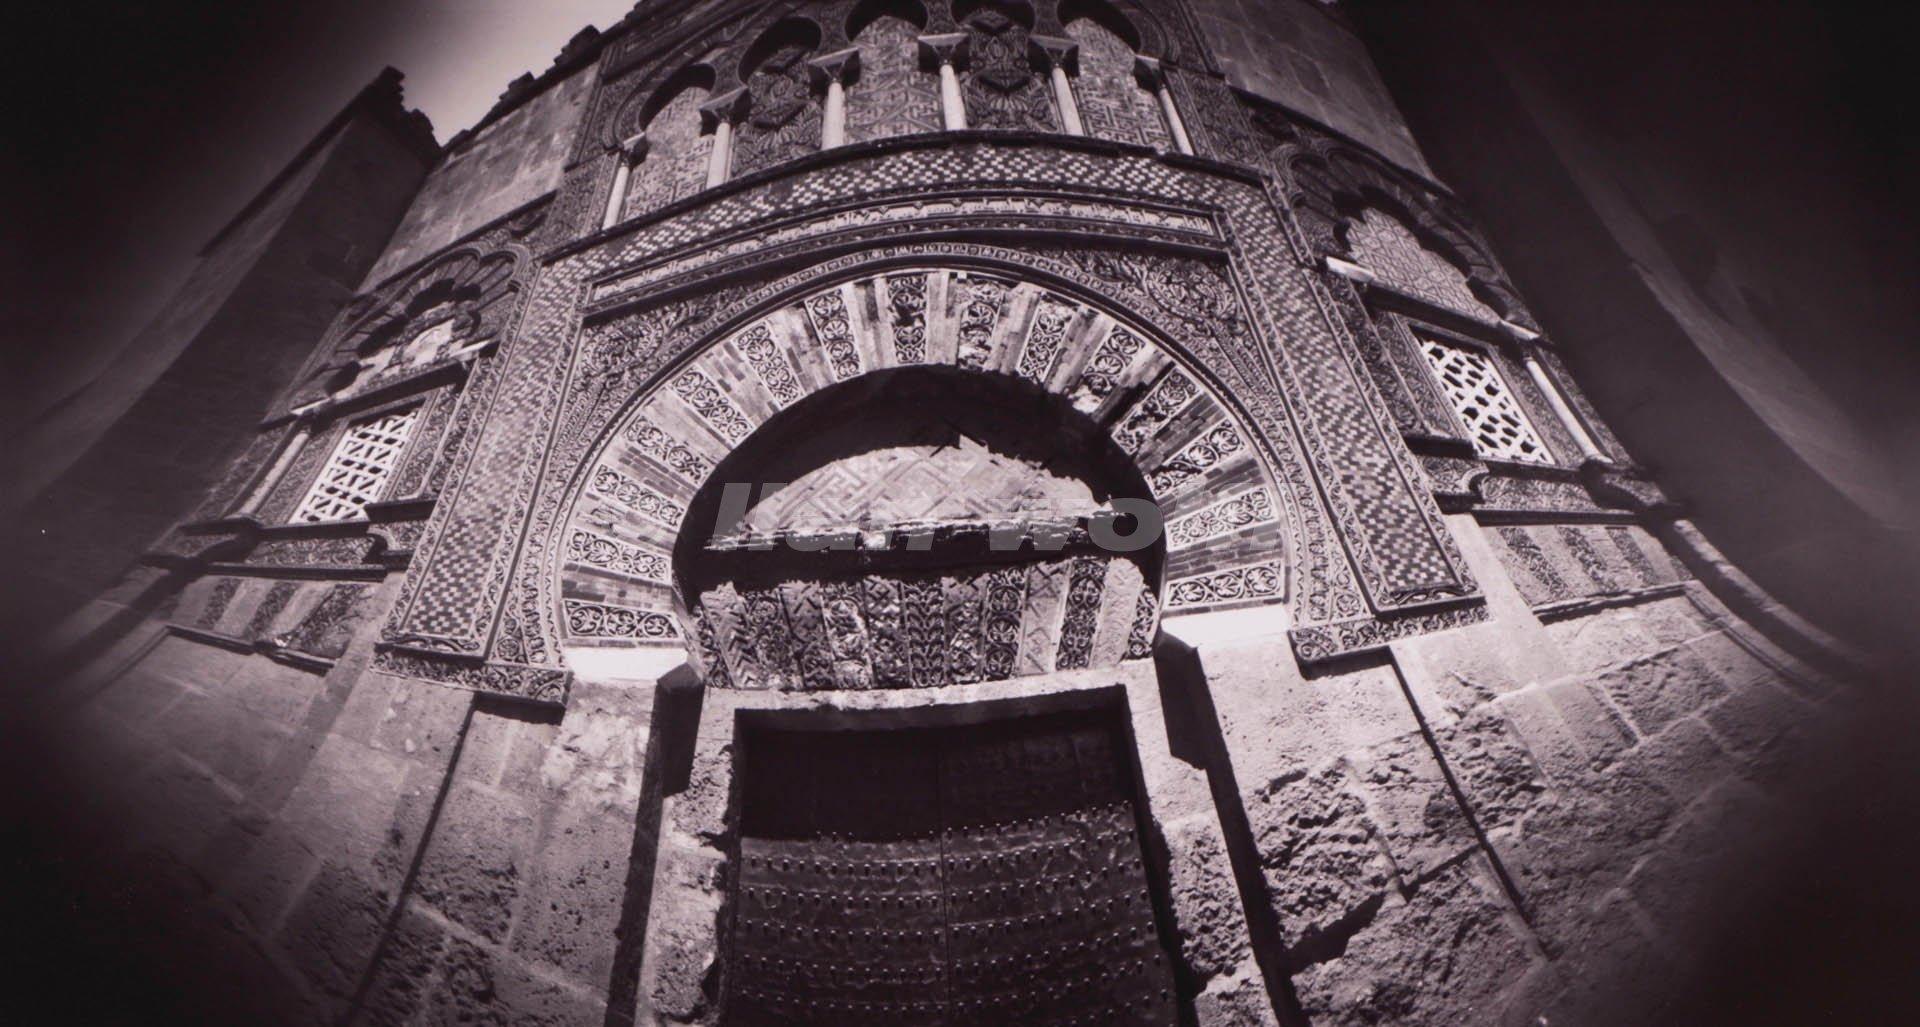 Córdoba-La Mezquita 1 (2013) - Ilan Wolff